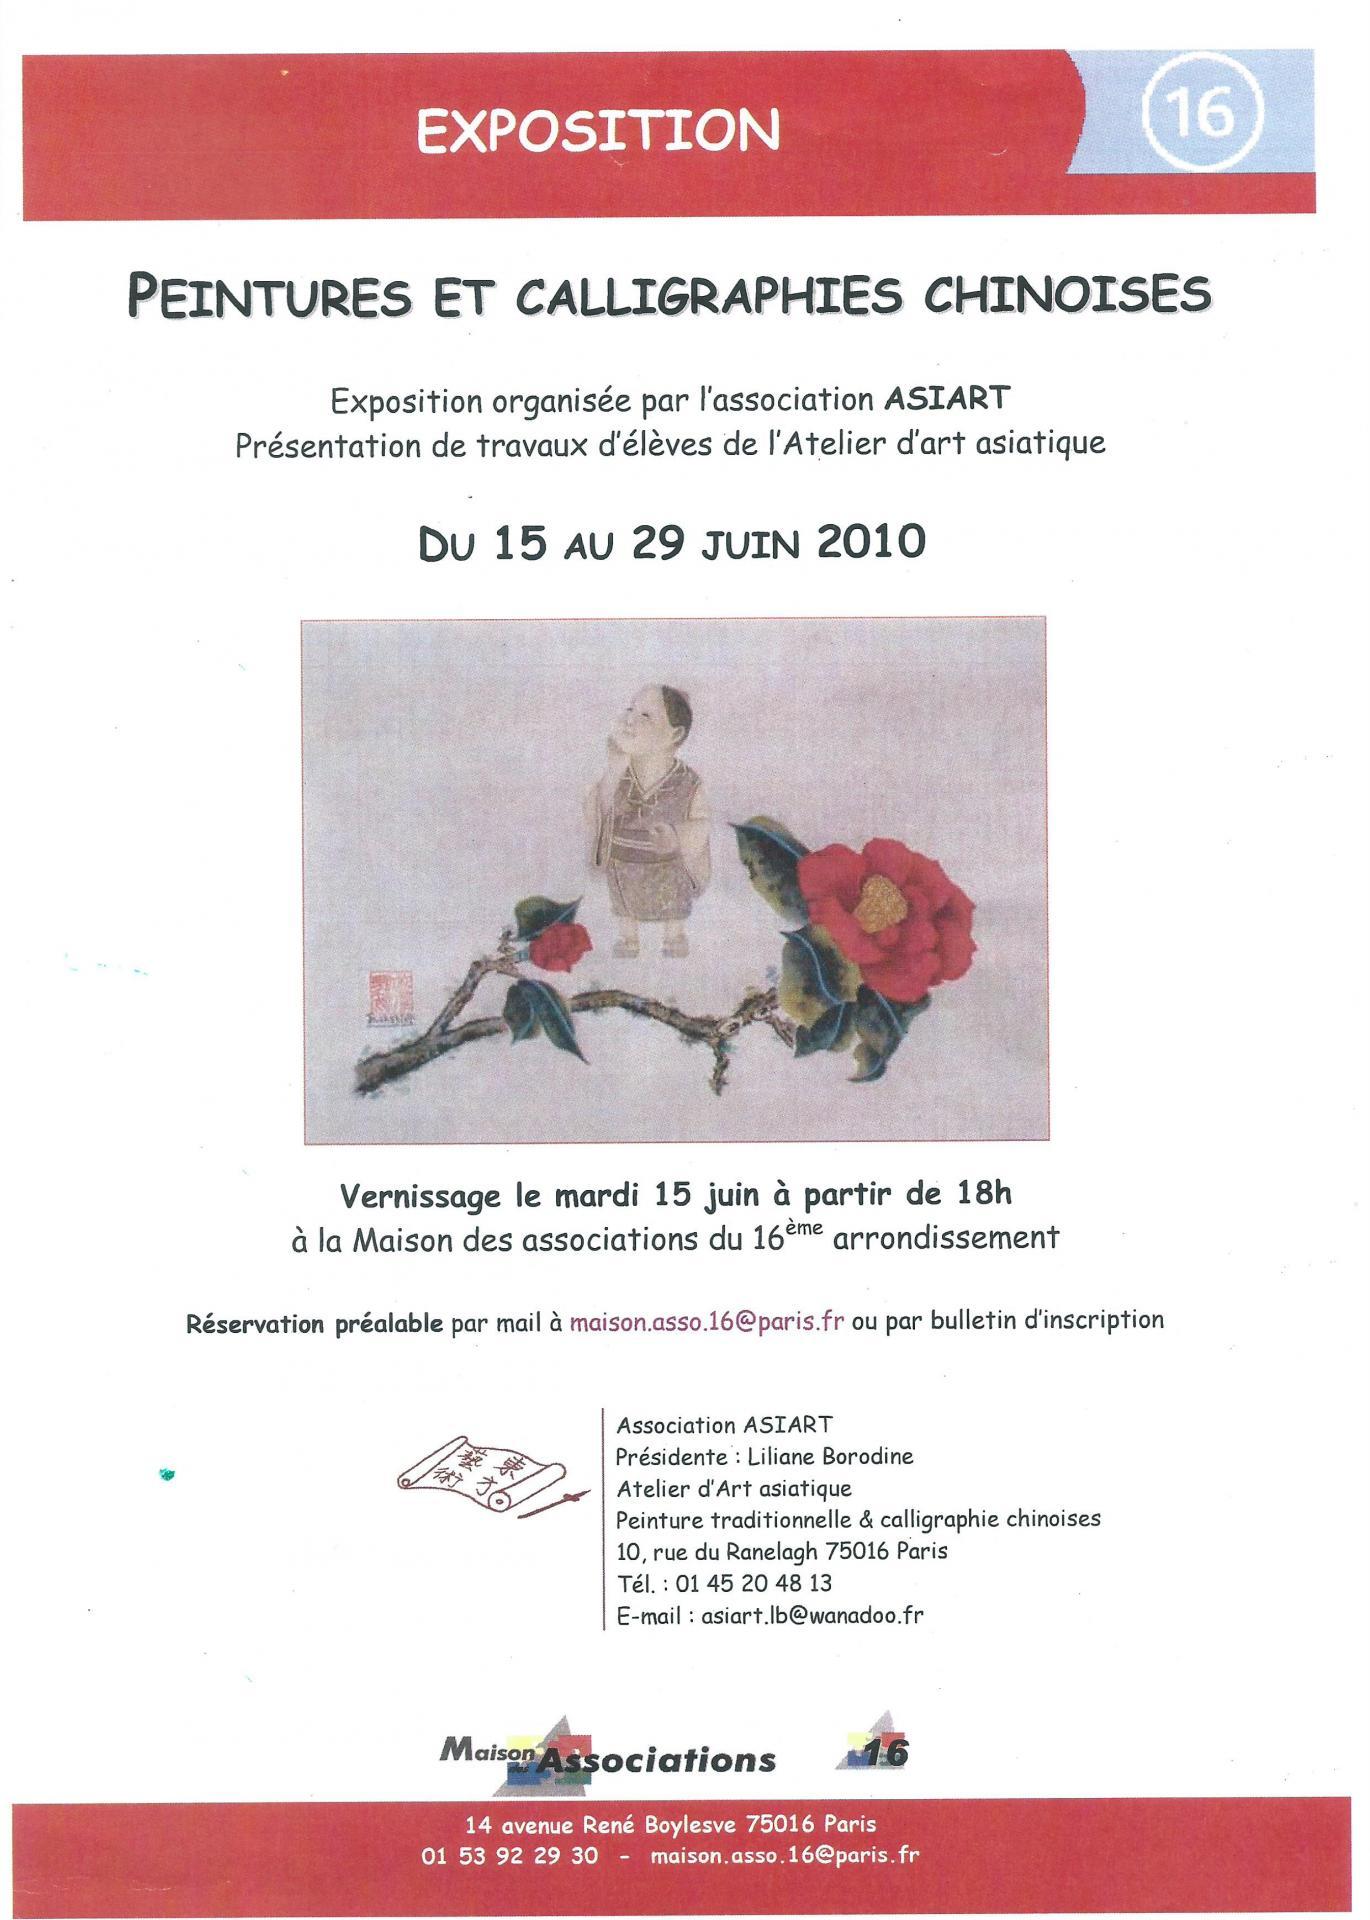 2eme exposition des eleves d asiart en 2010